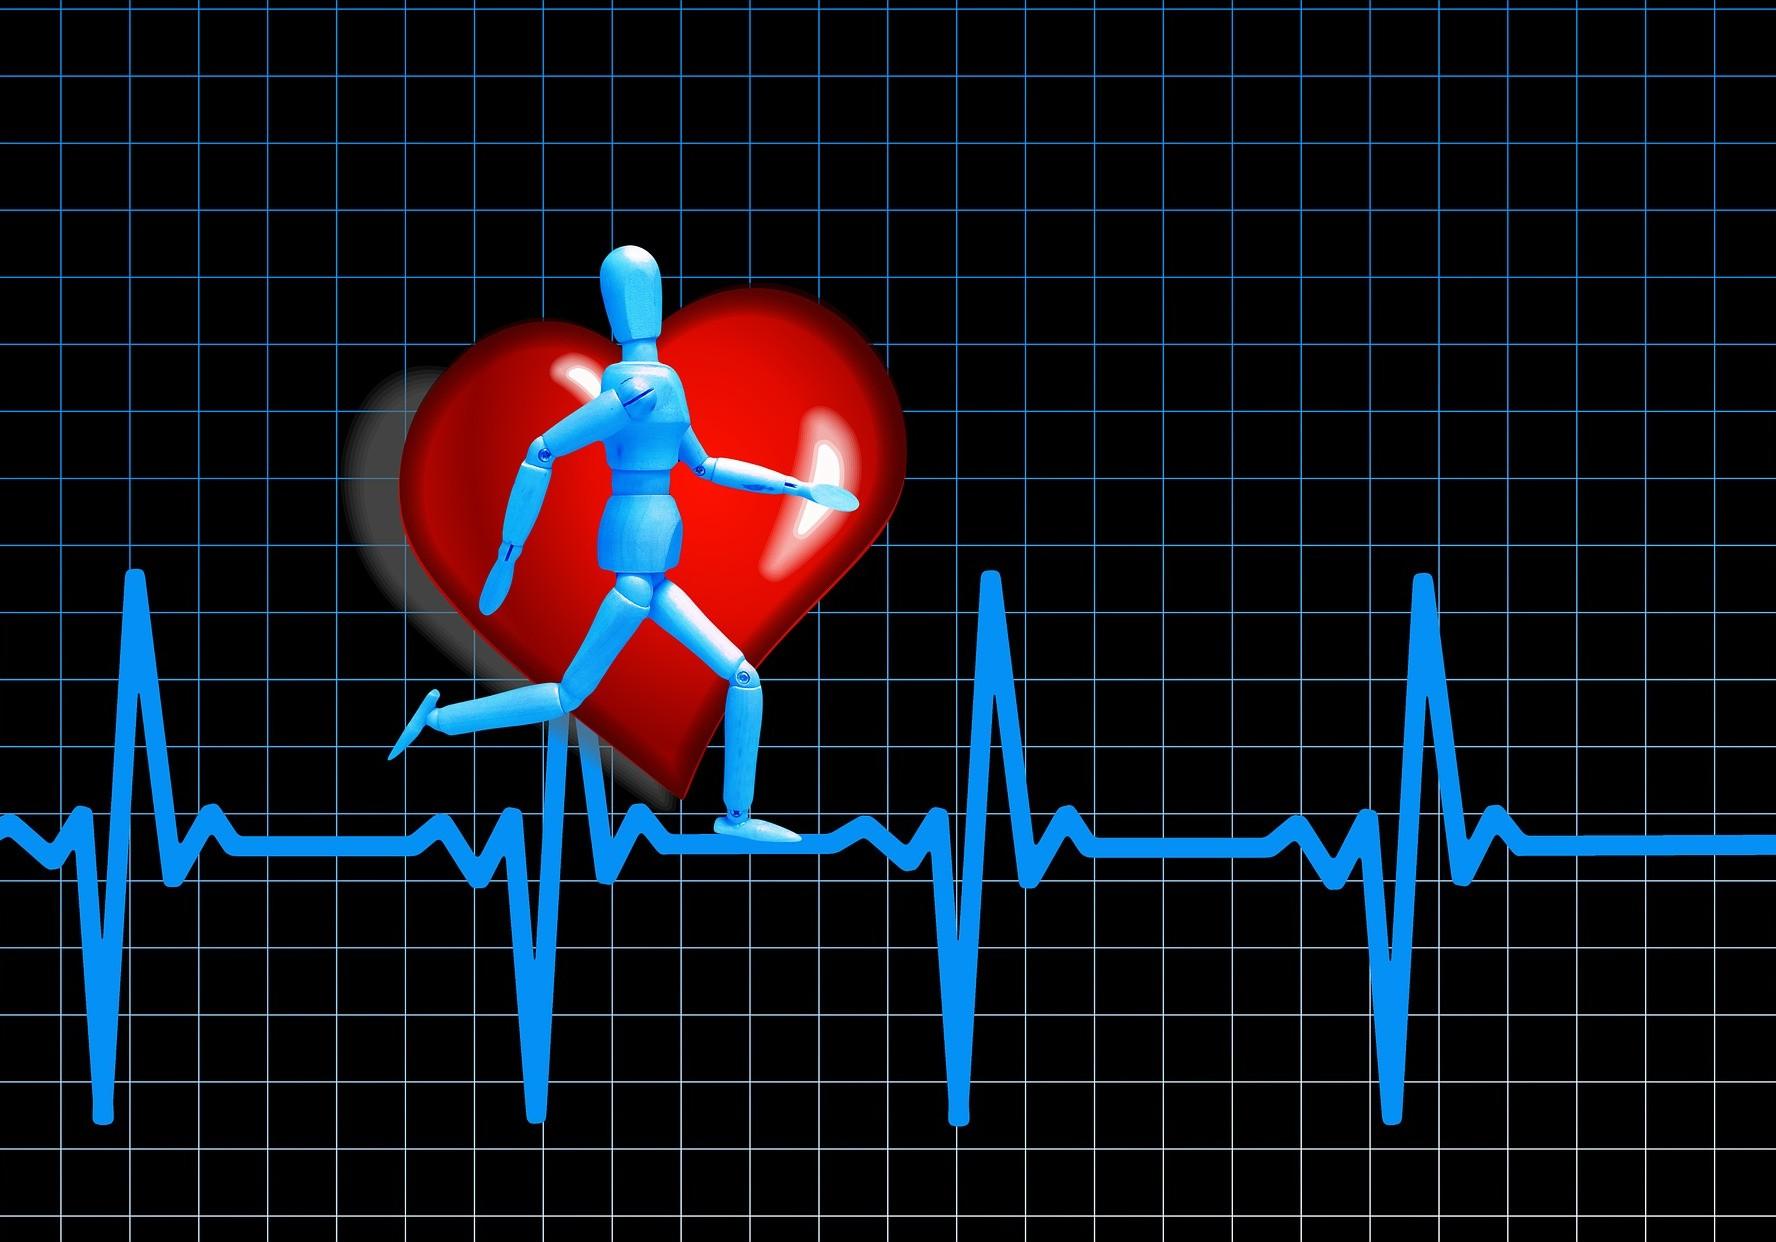 banner-blue w.blue man n heart